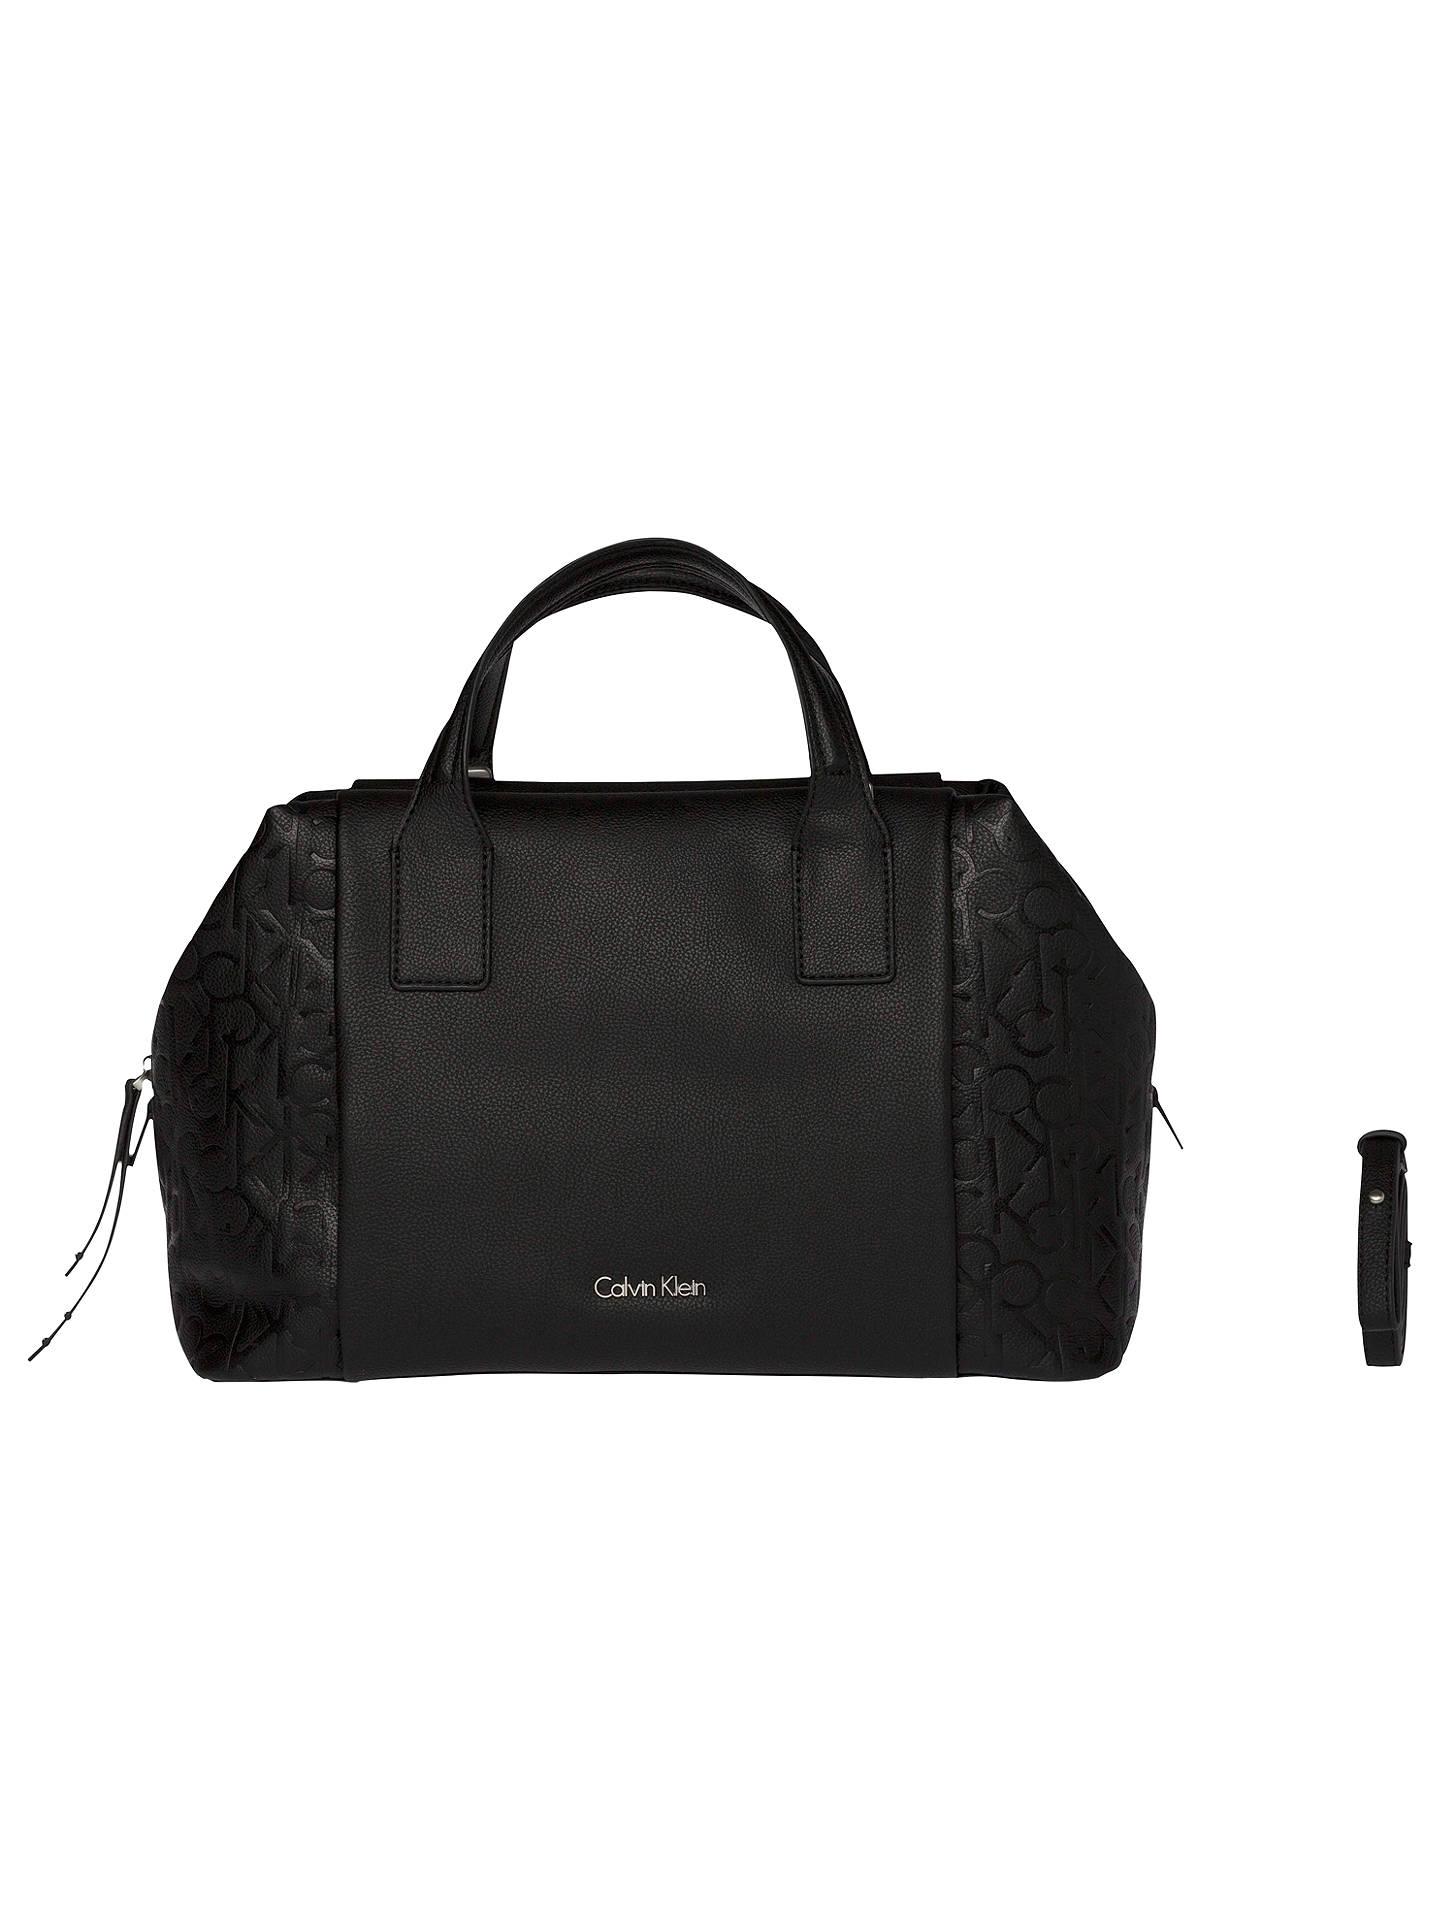 8b3bb118cc5 Buy Calvin Klein Misha Duffle Bag